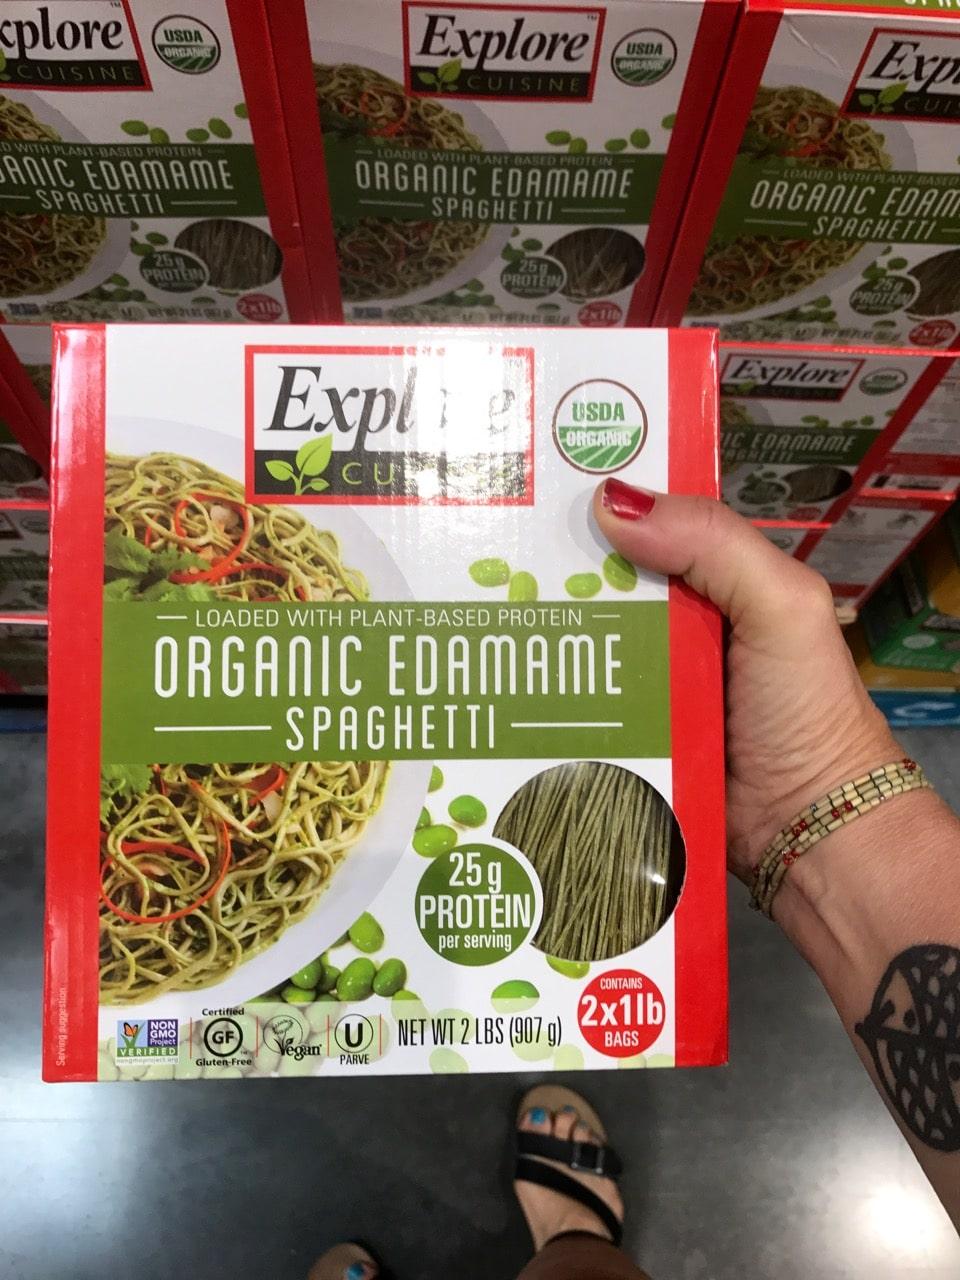 Explore Kitchen Organic Edamame Spaghetti at Costco